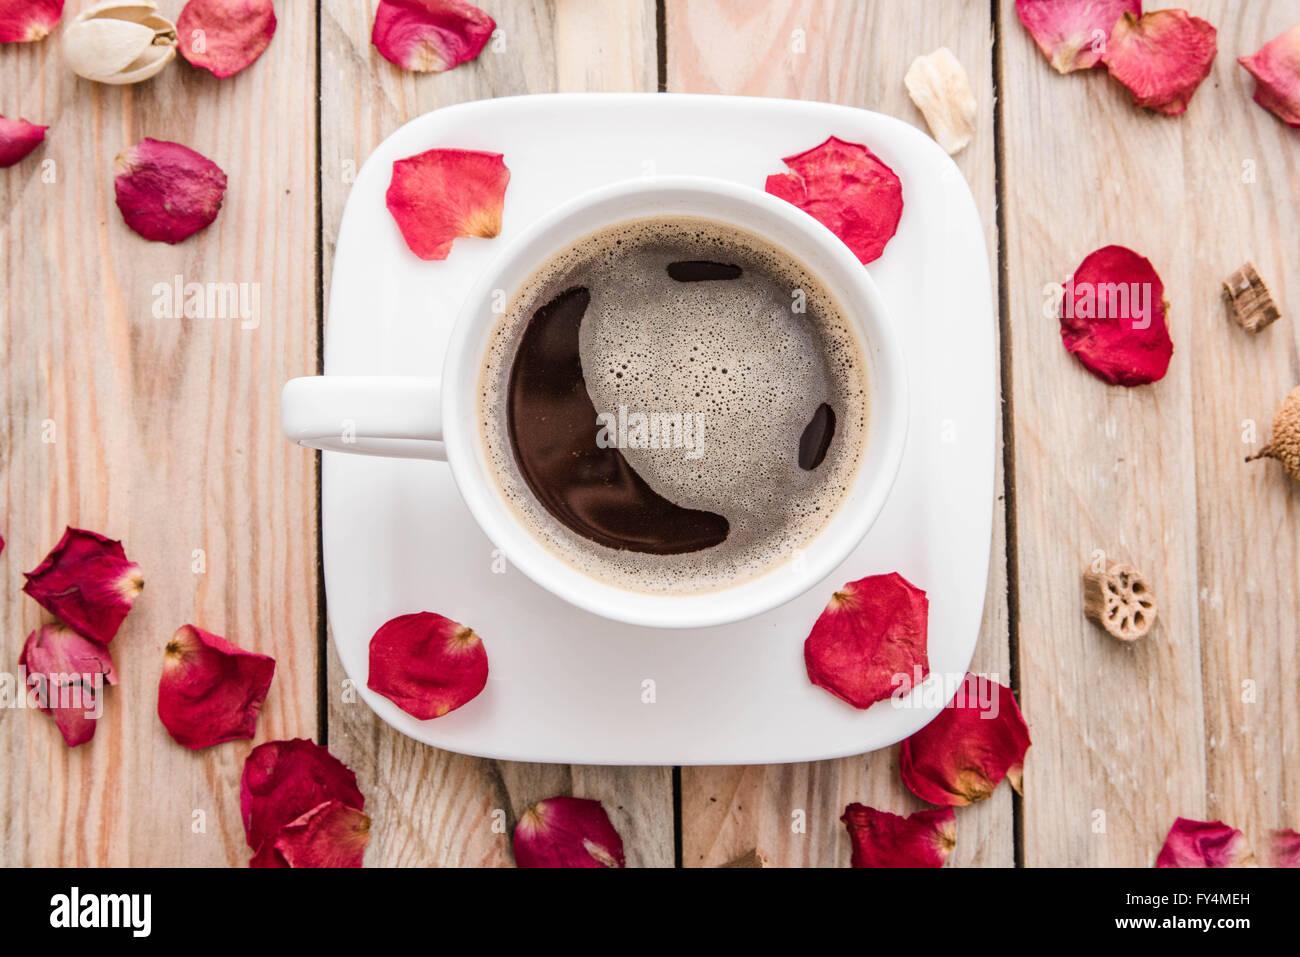 Tazza di caffè è un motivo di gioia Immagini Stock